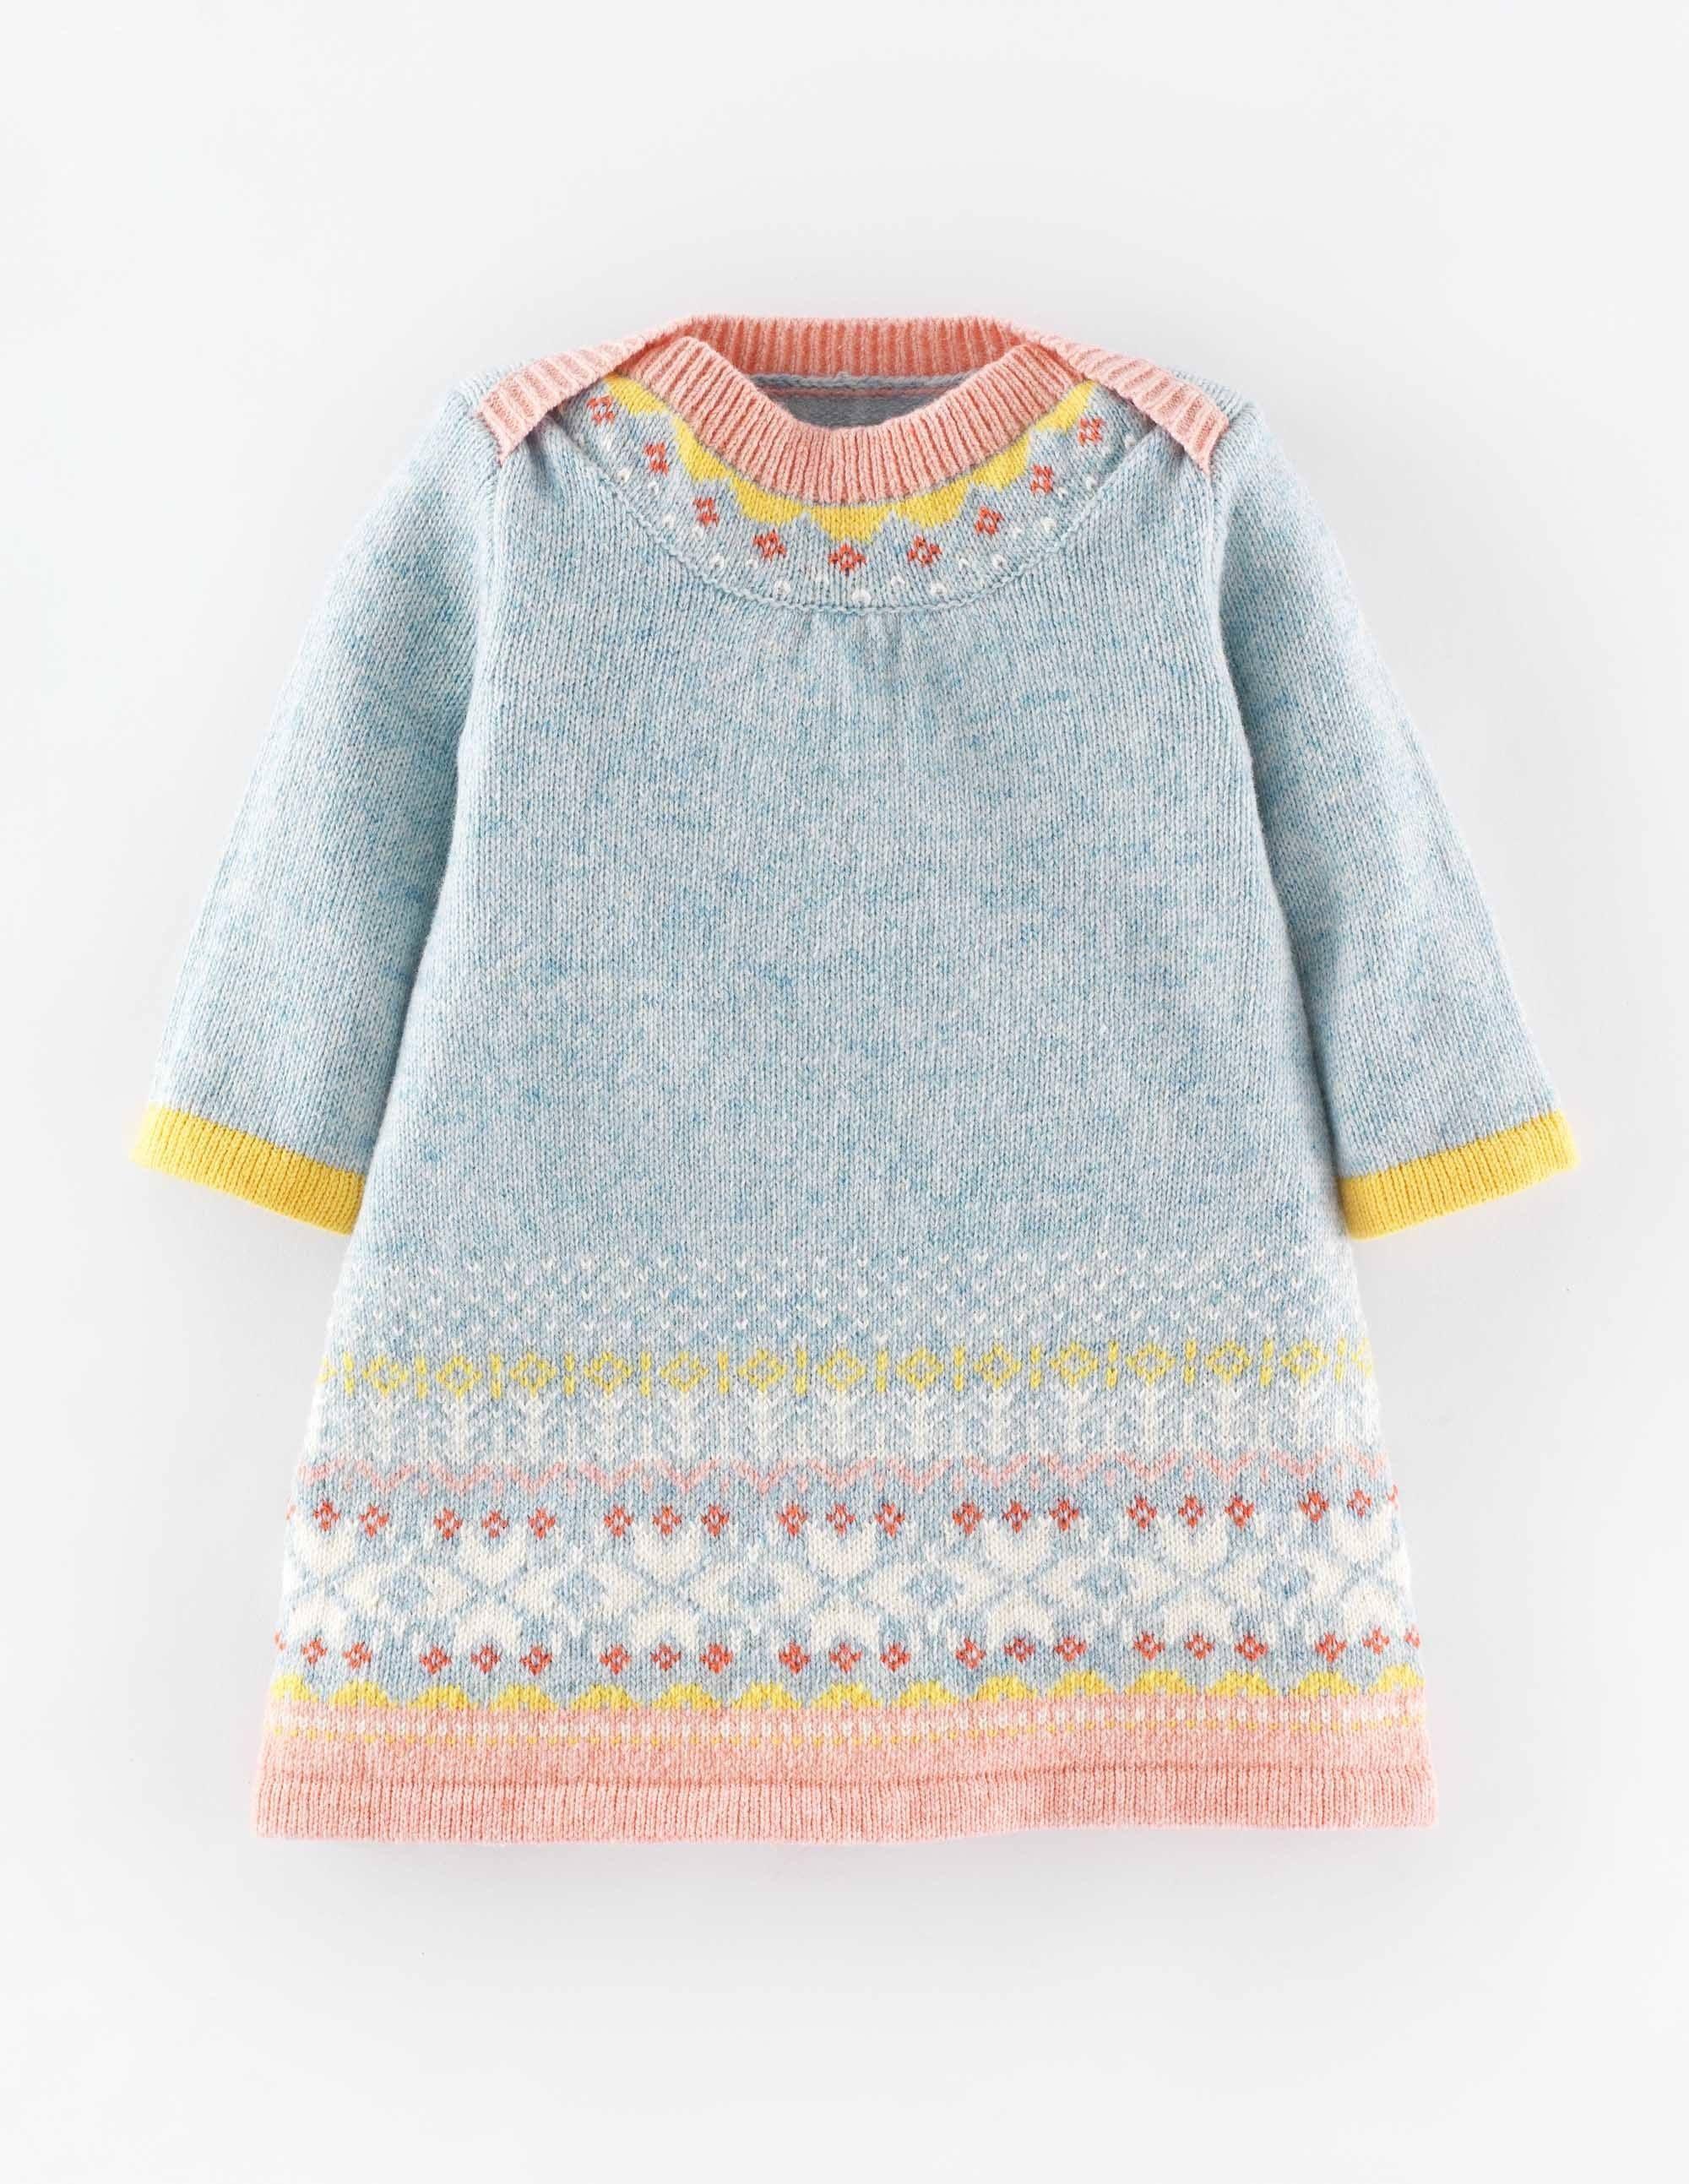 Fair-Isle-Strickkleid | Babykleidung | Pinterest | Stricken, Strick ...